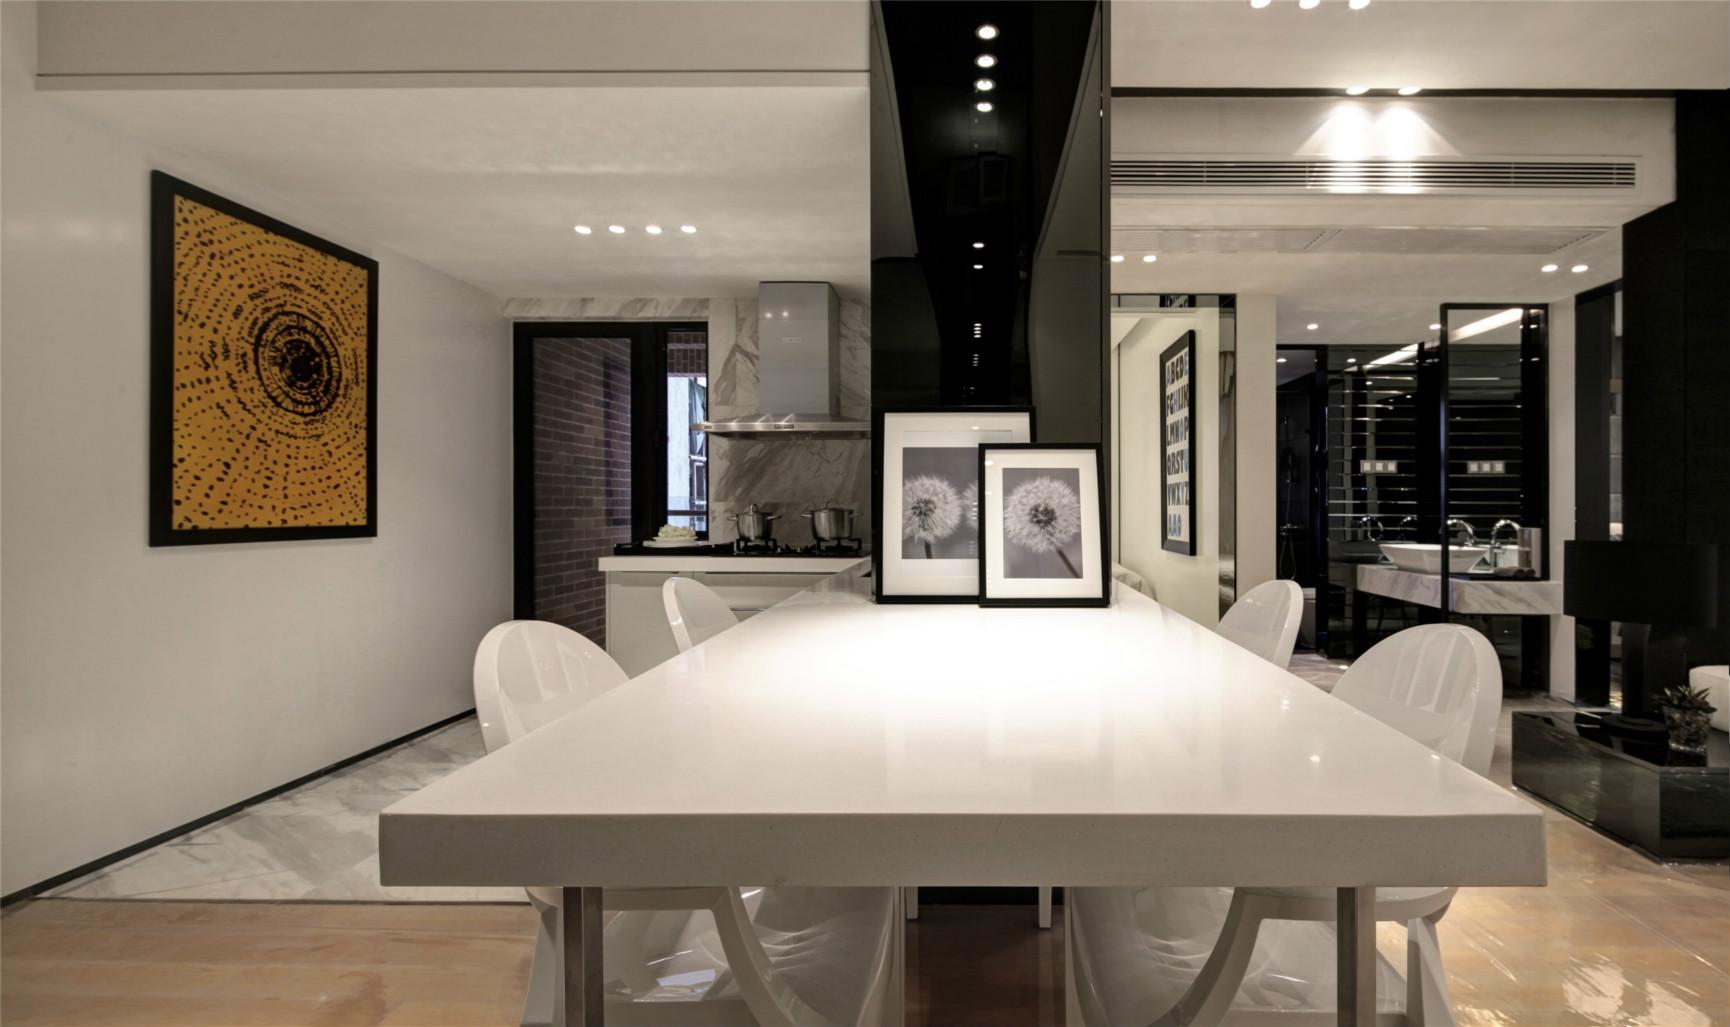 餐桌的座椅都是白色为主,简单时尚,很是大气